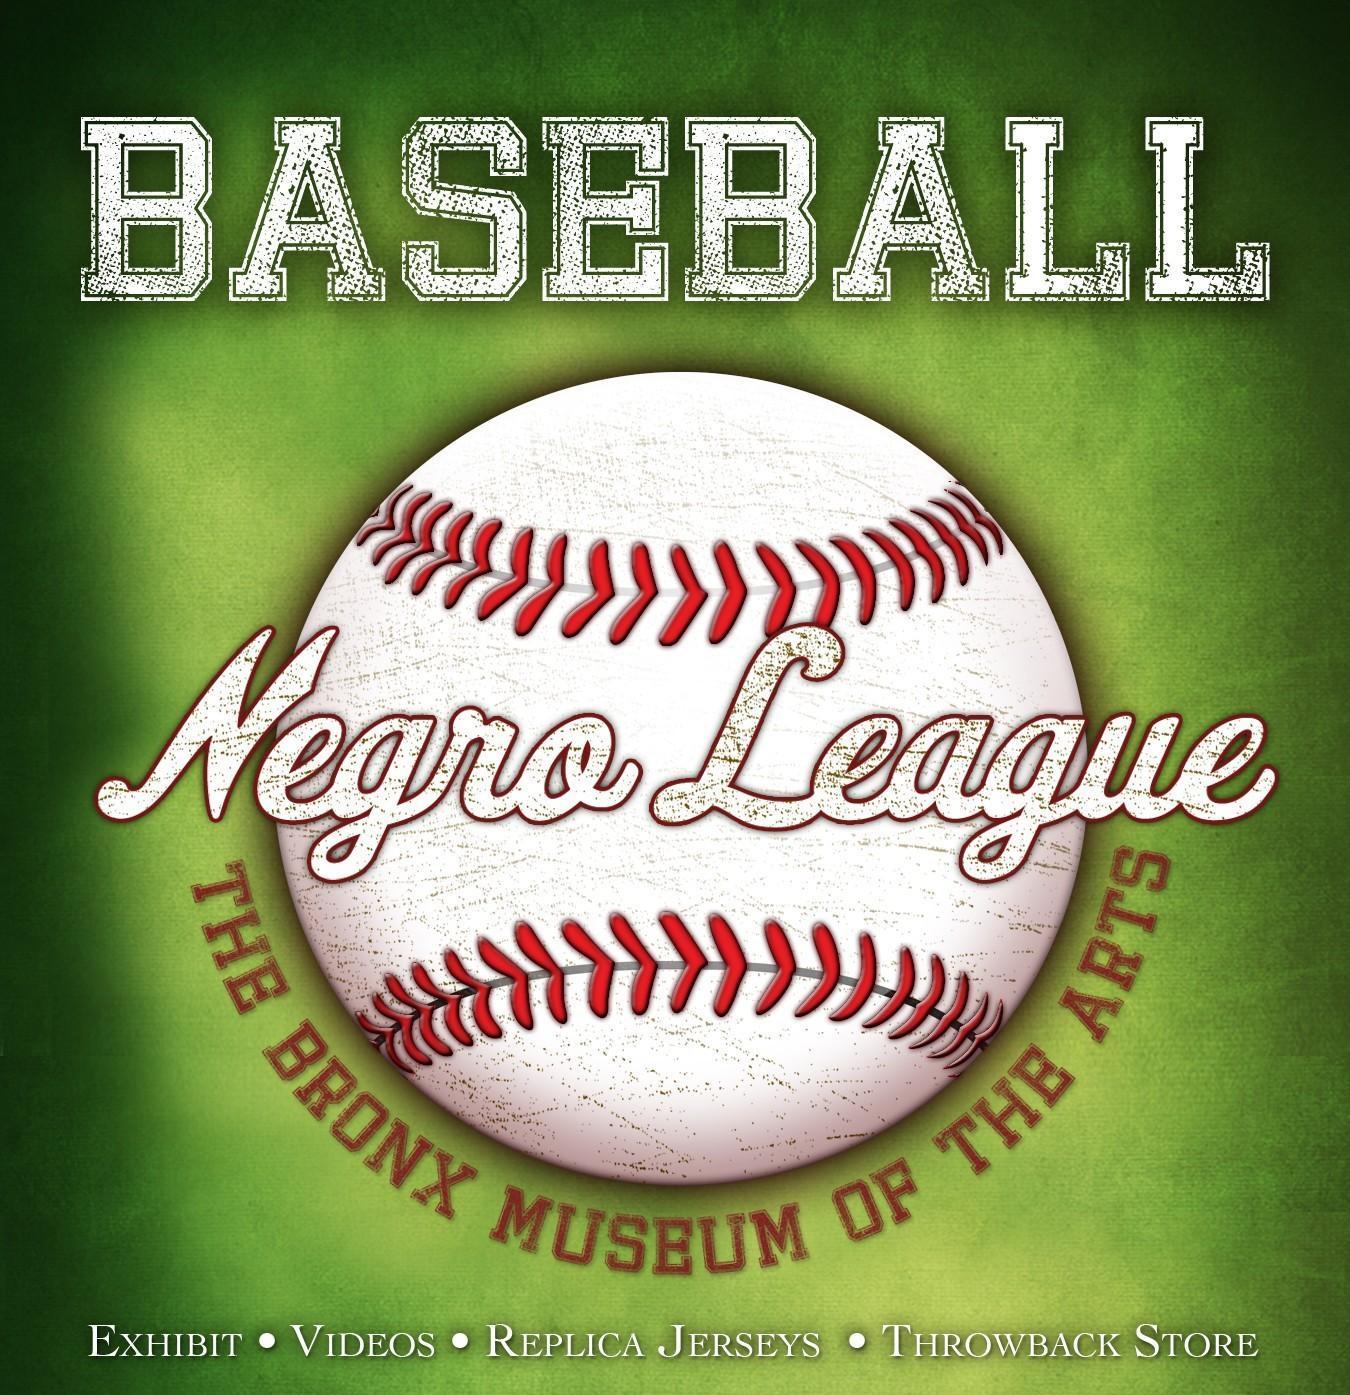 Negro League Baseball Ehxibit